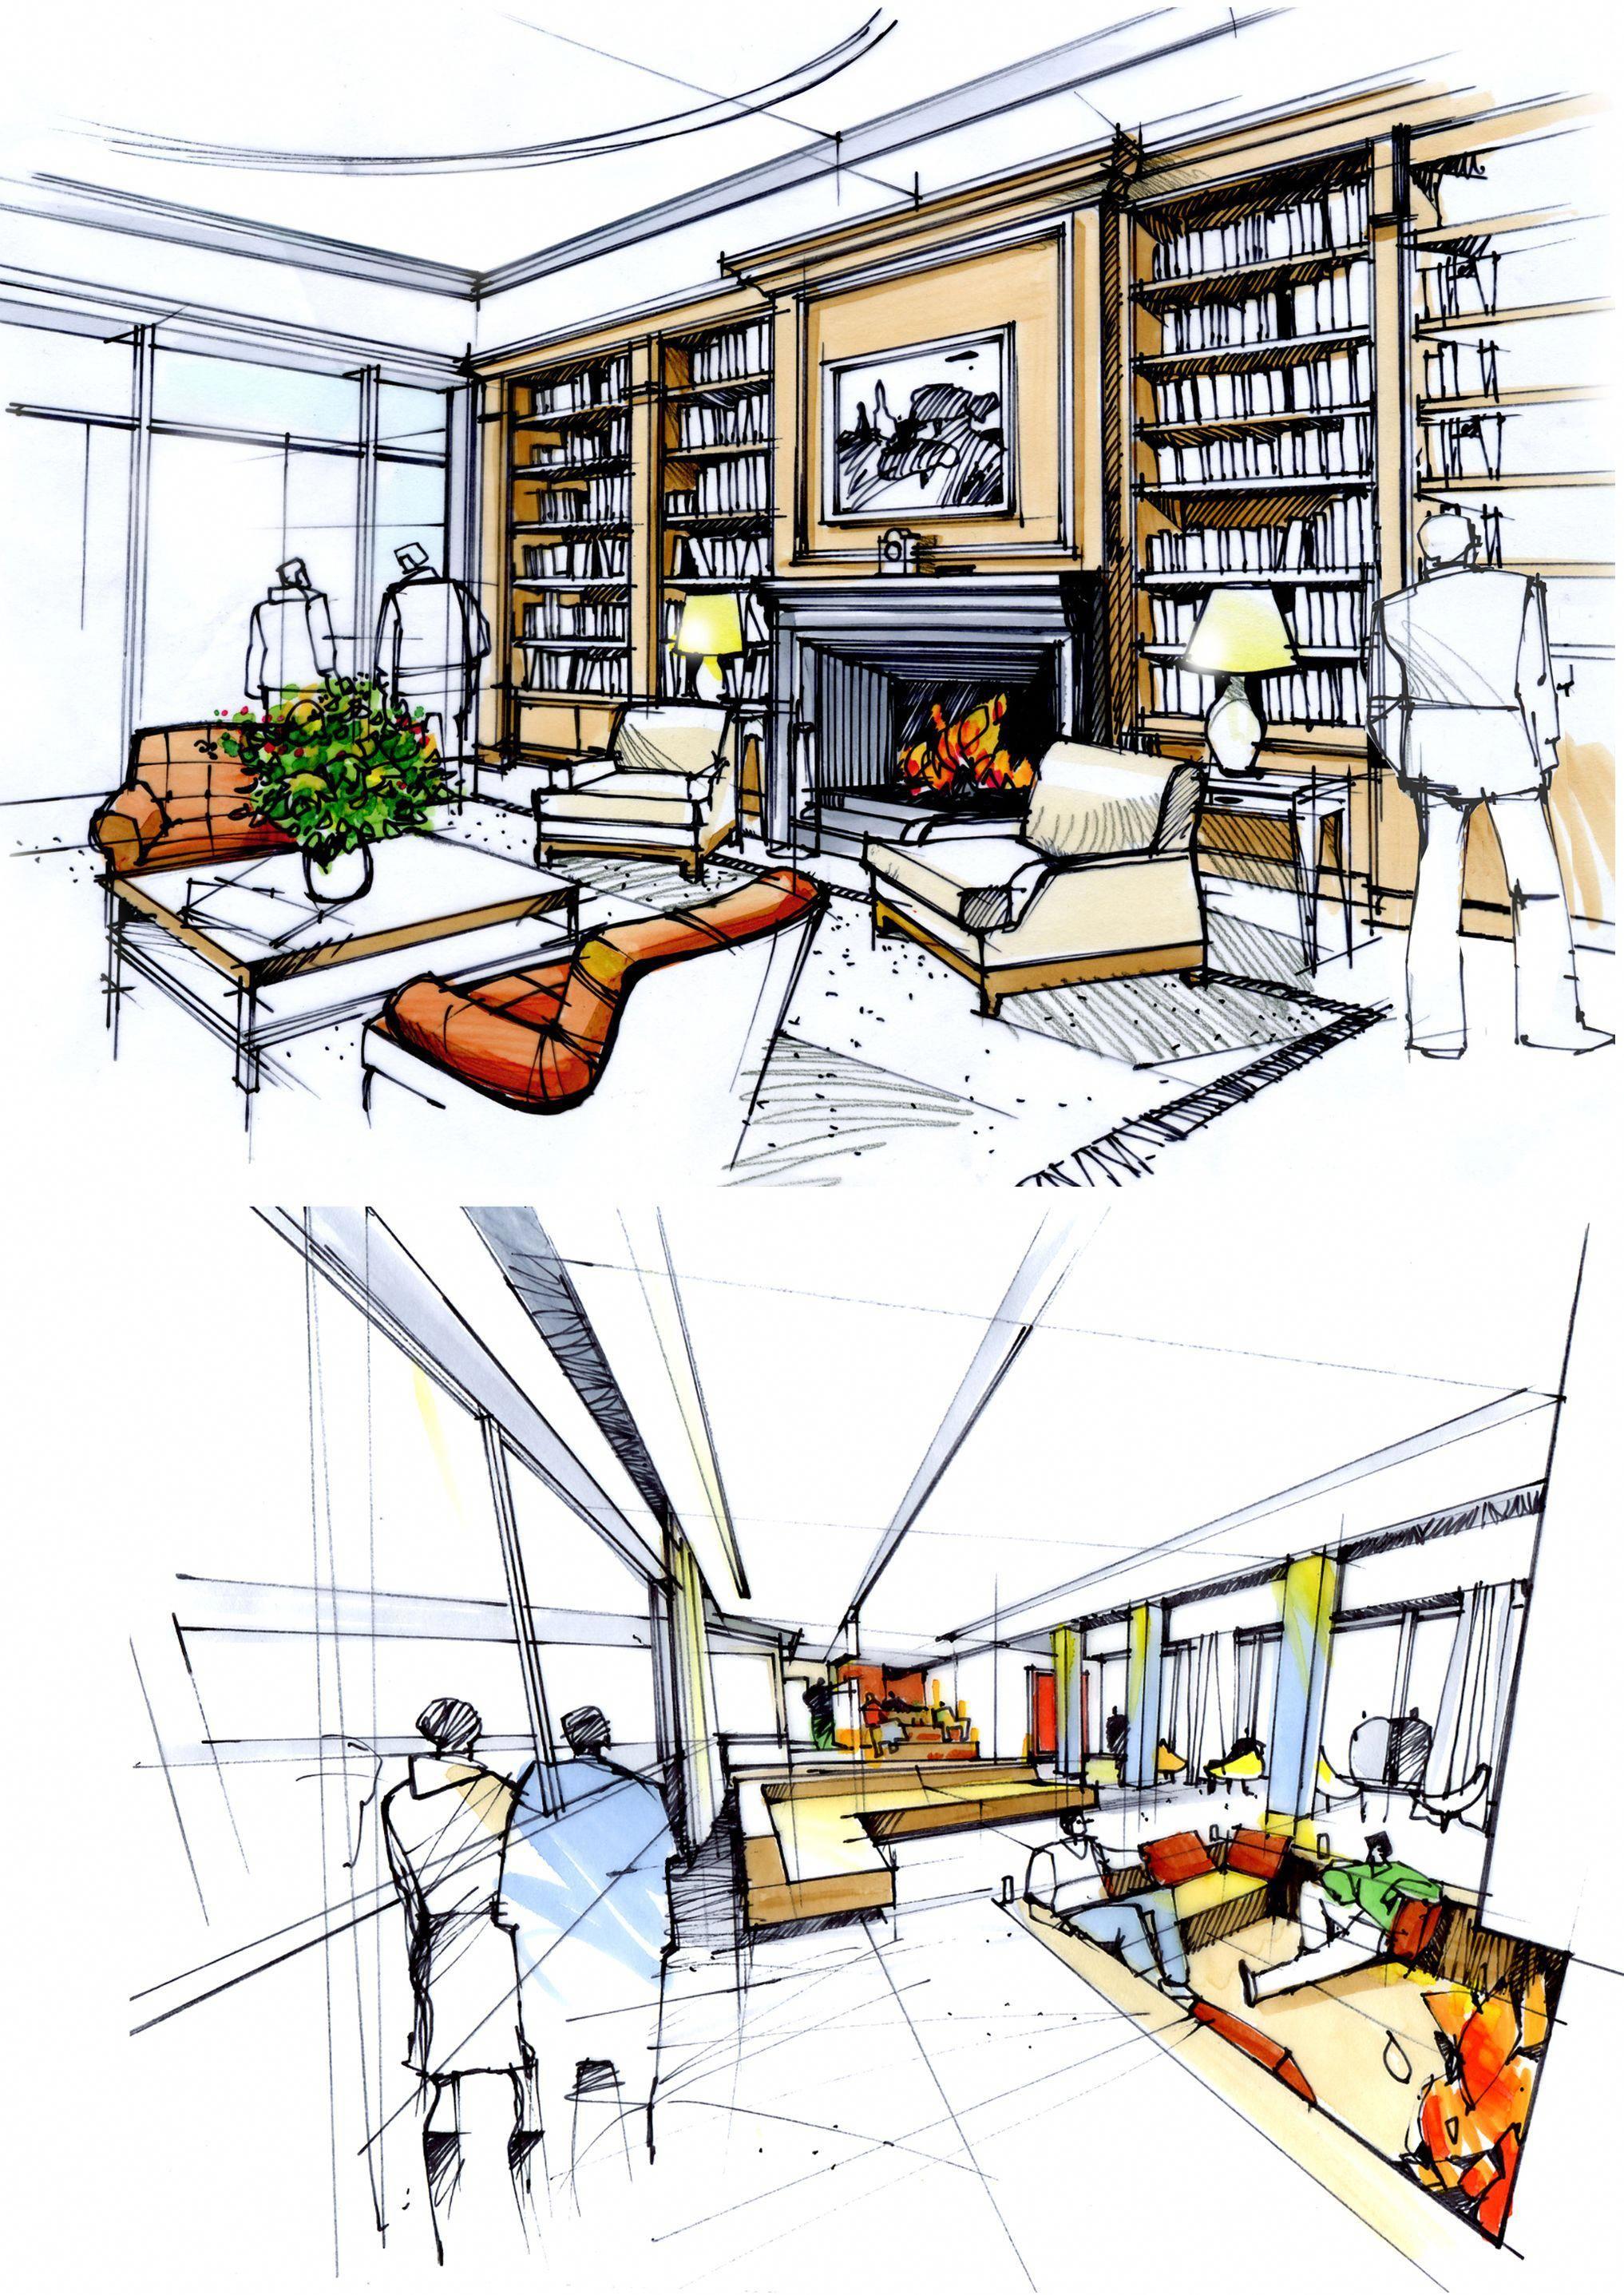 Interior Design Online: Interior Design Courses Online ID:5416084607